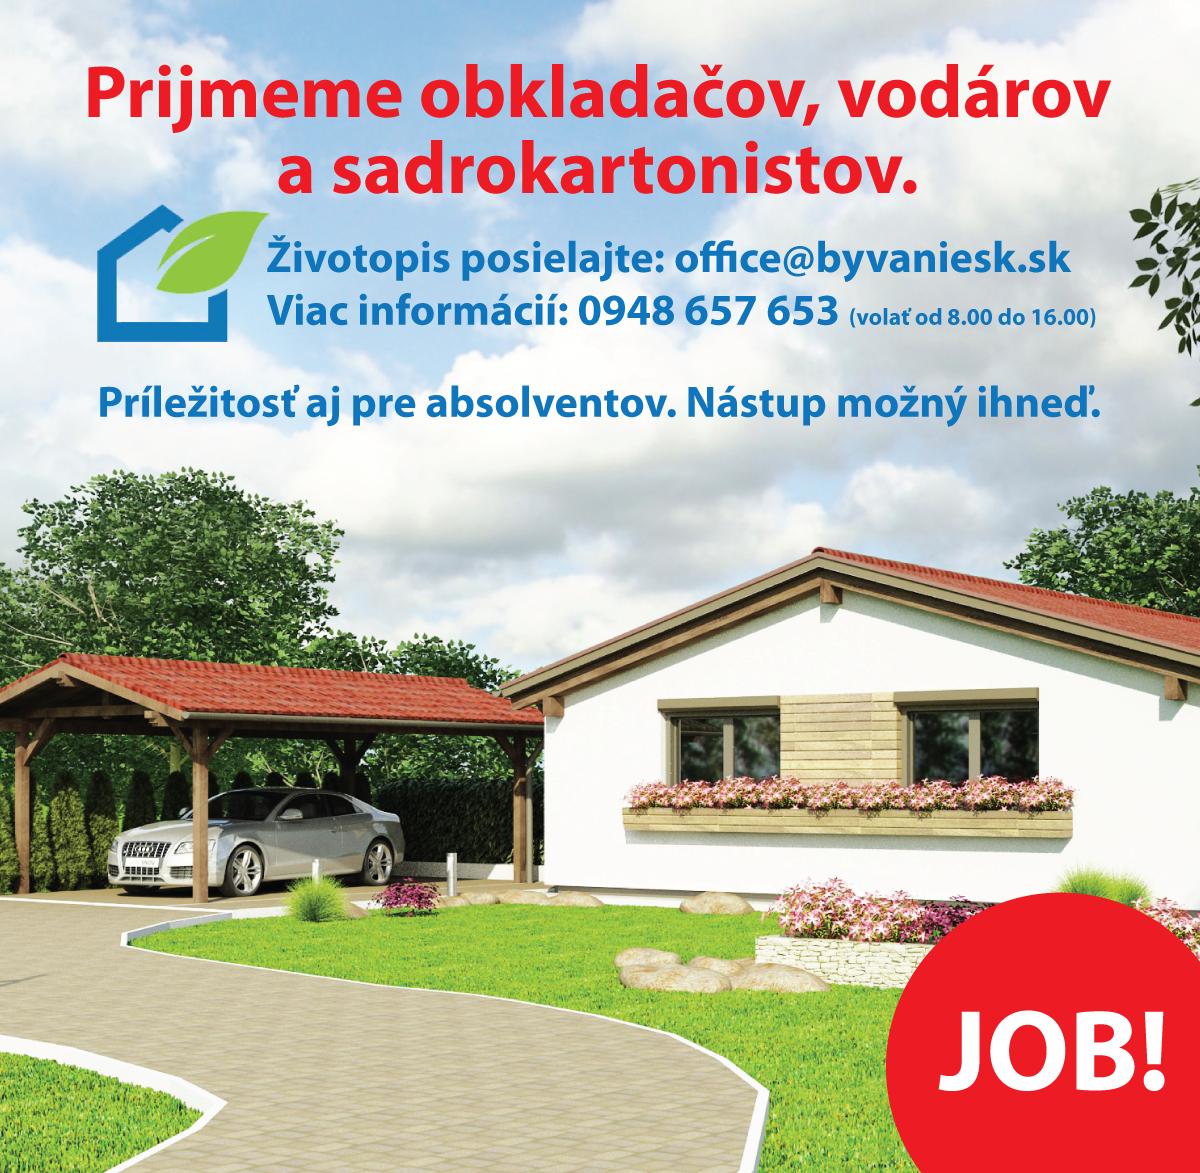 Prijmeme obkladačov, vodárov a sadrokartonistov. Životopis posielajte: office@byvaniesk.sk Viac informácií: 0948657653. Nástup možný ihneď.